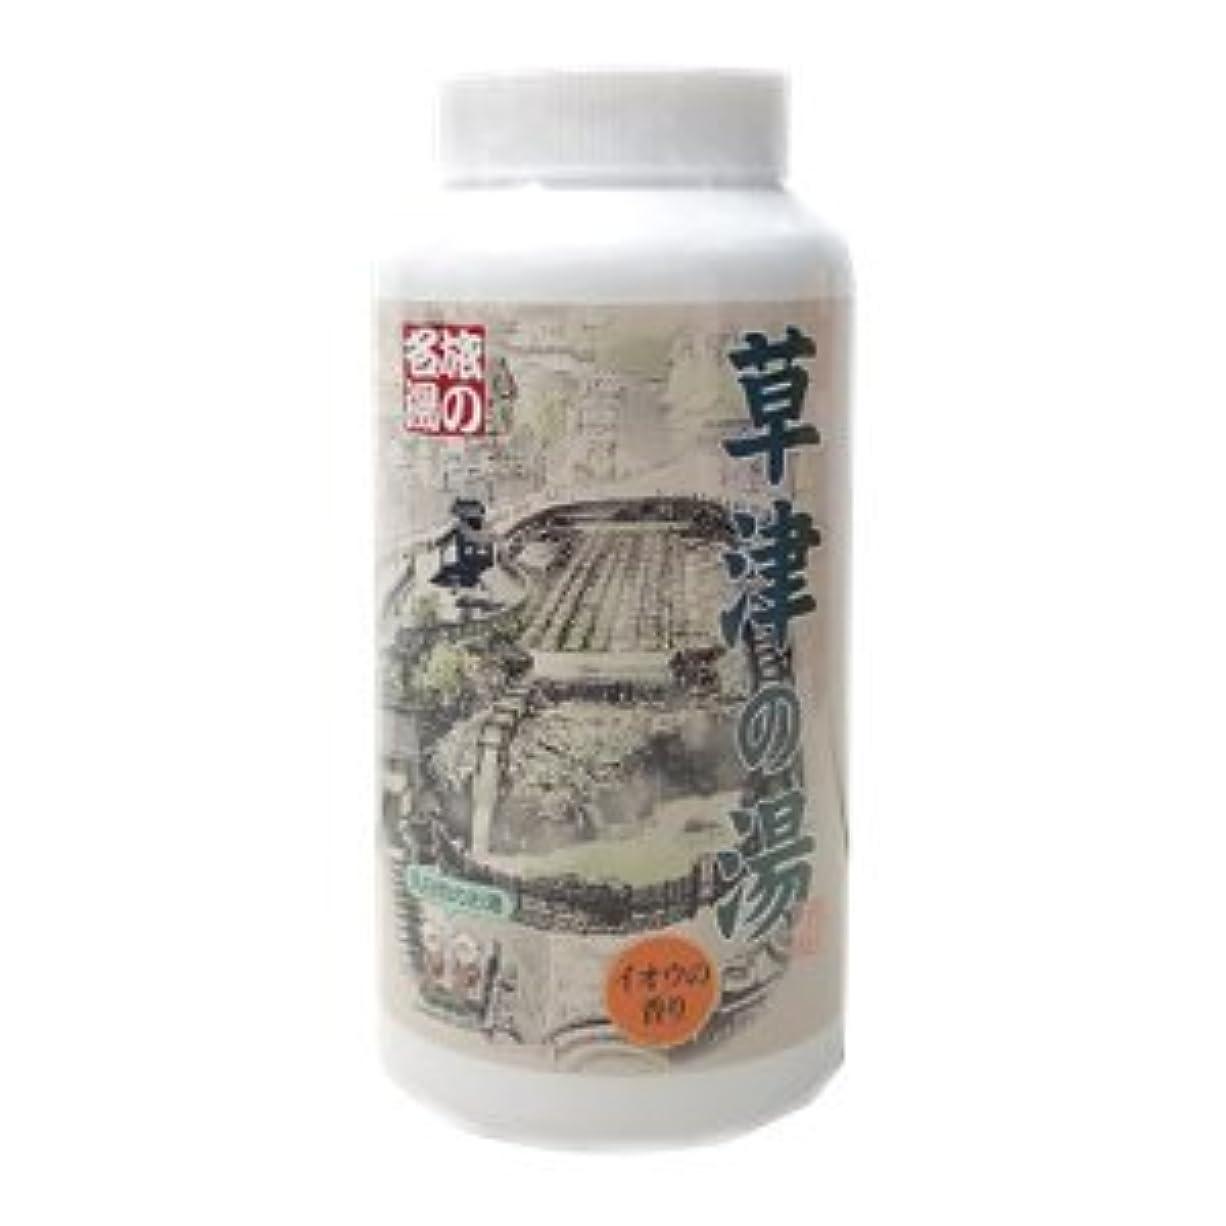 ペインコントラスト地下草津の湯入浴剤 『イオウの香り』 乳白色のお湯 500g 20回分